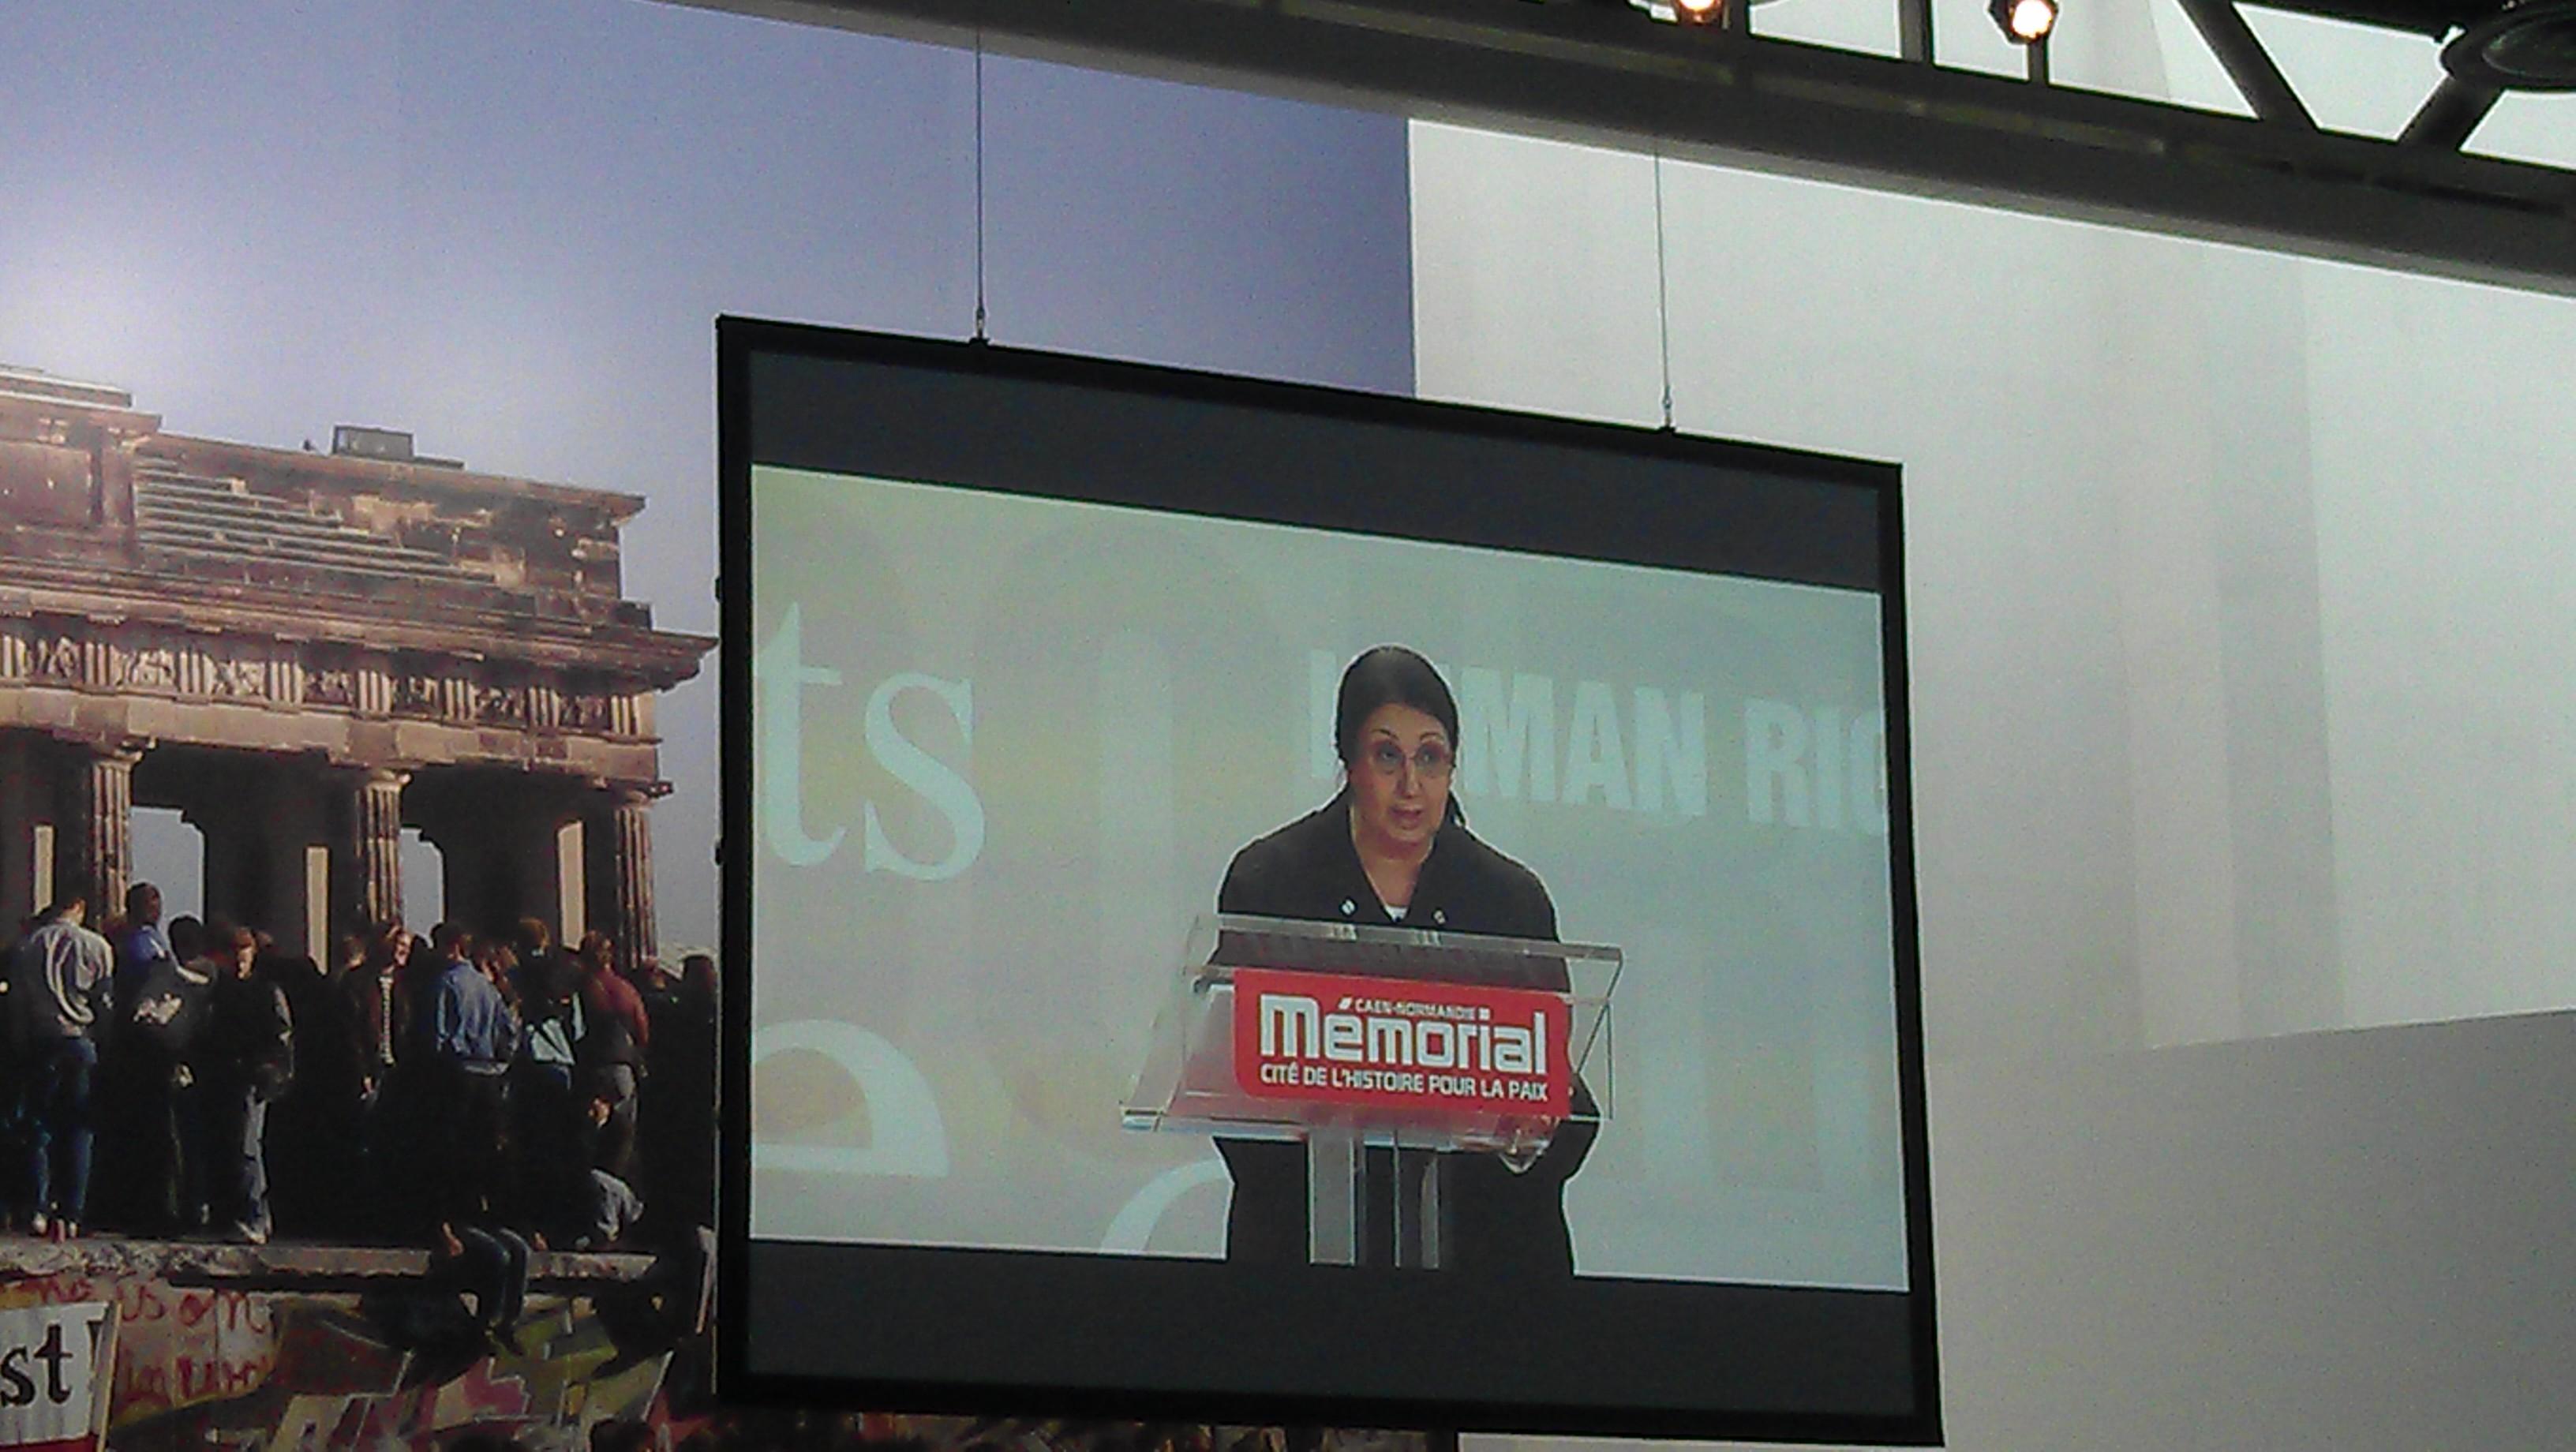 Rachel Franco, Avocate Israélienne au Barreau de Tel Aviv a obtenue le prix du public au Mémorial de Caen